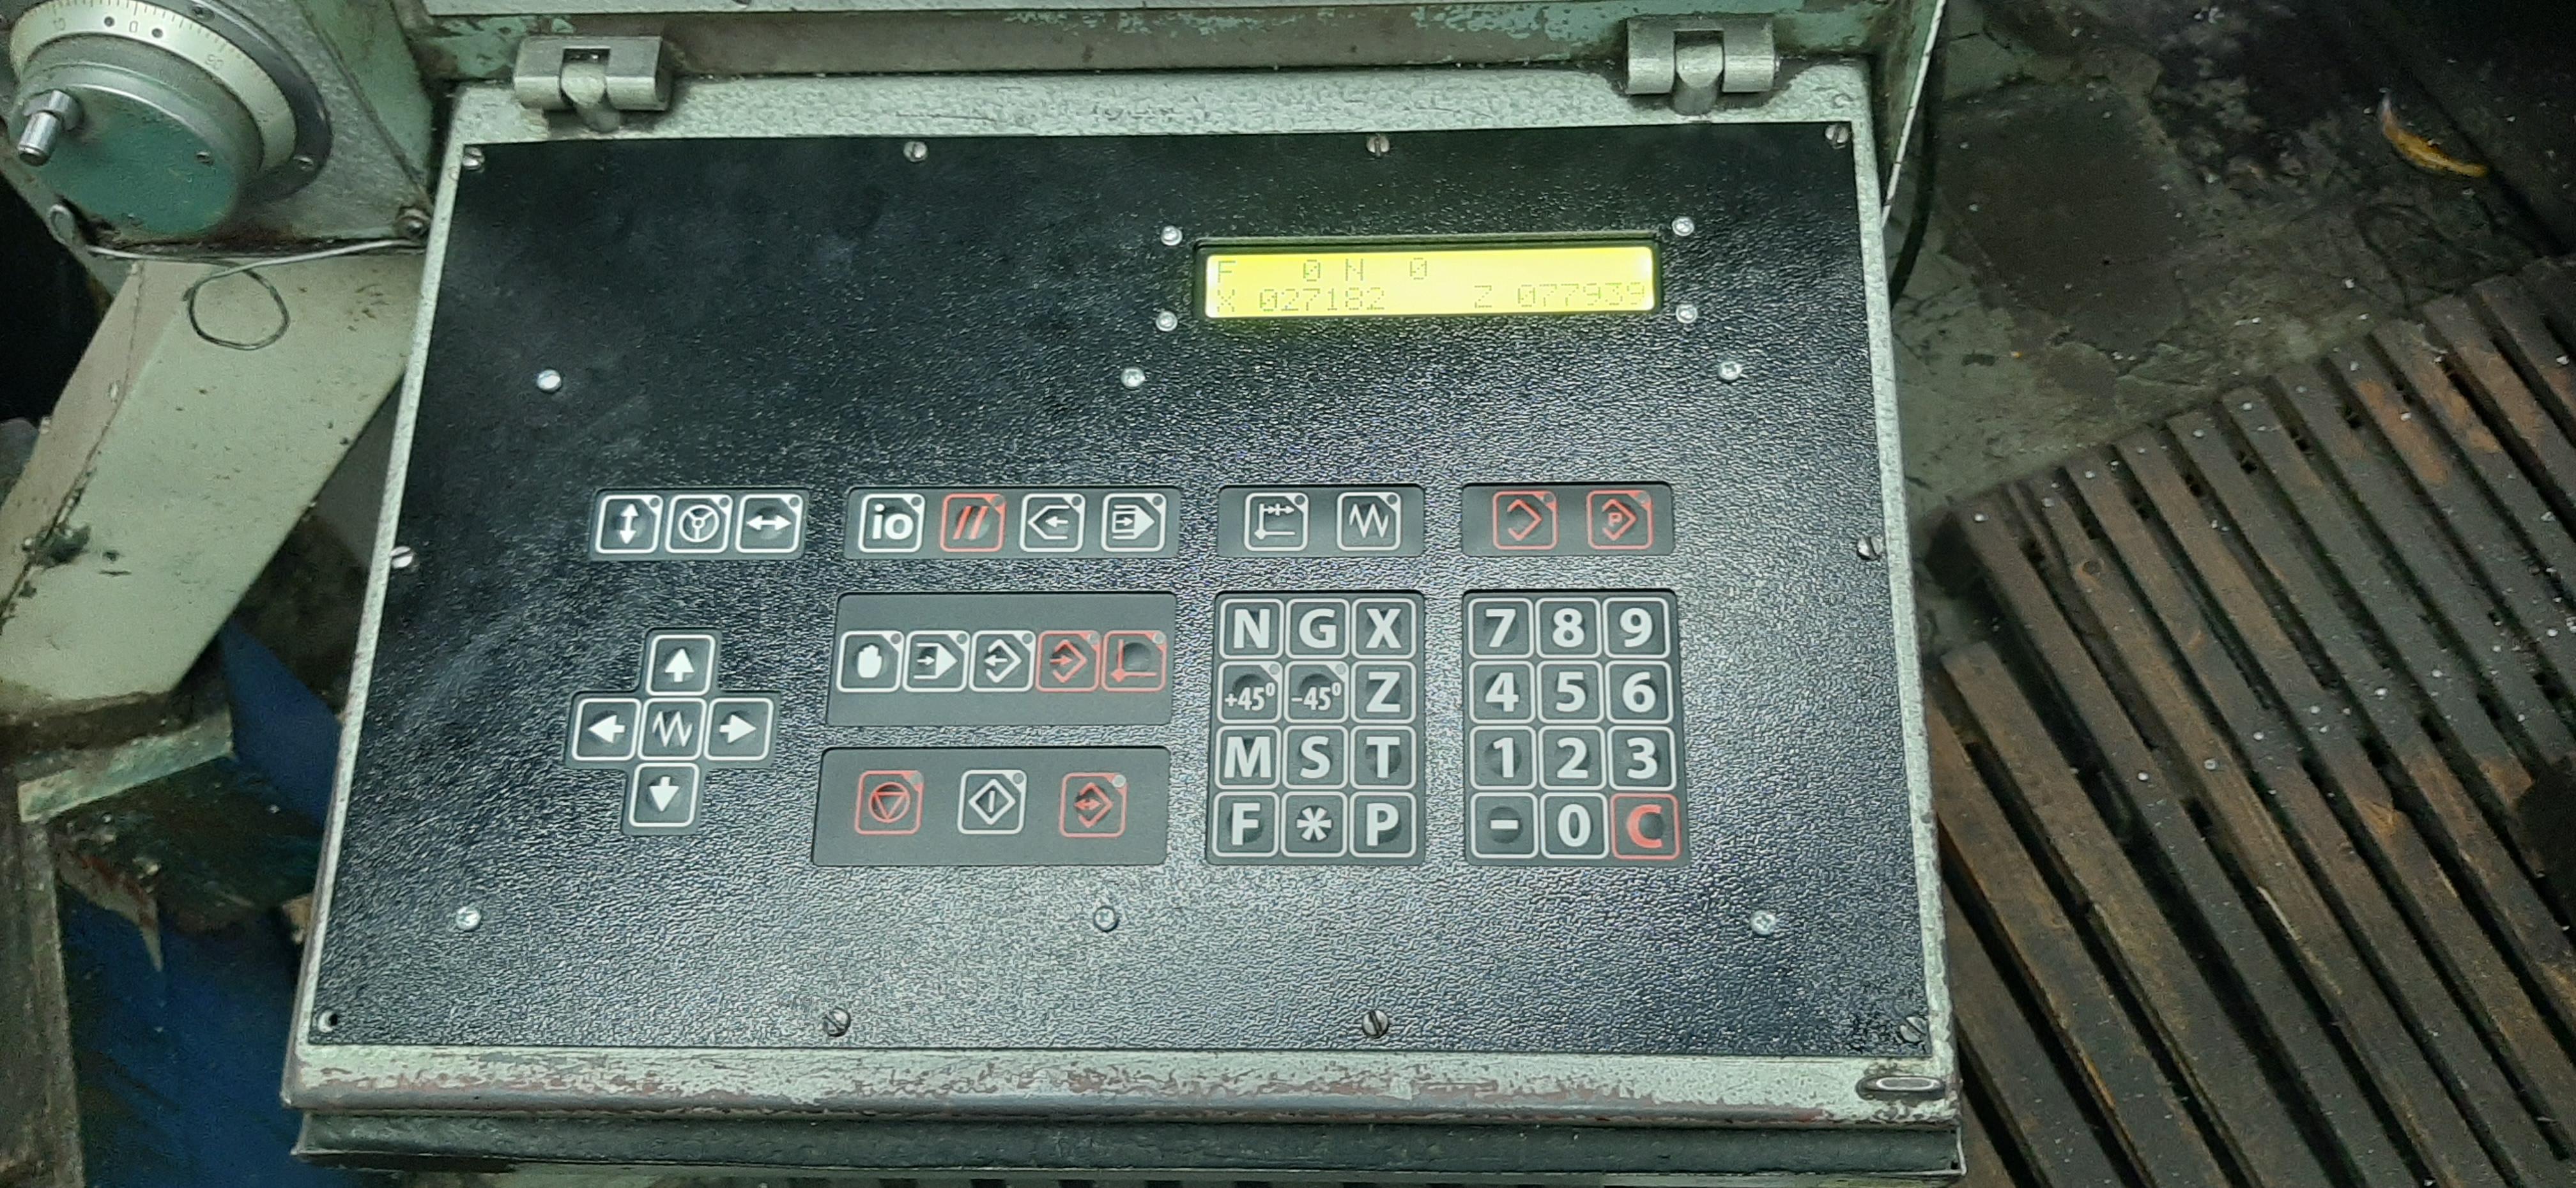 Электроника нц-31 — википедия. что такое электроника нц-31